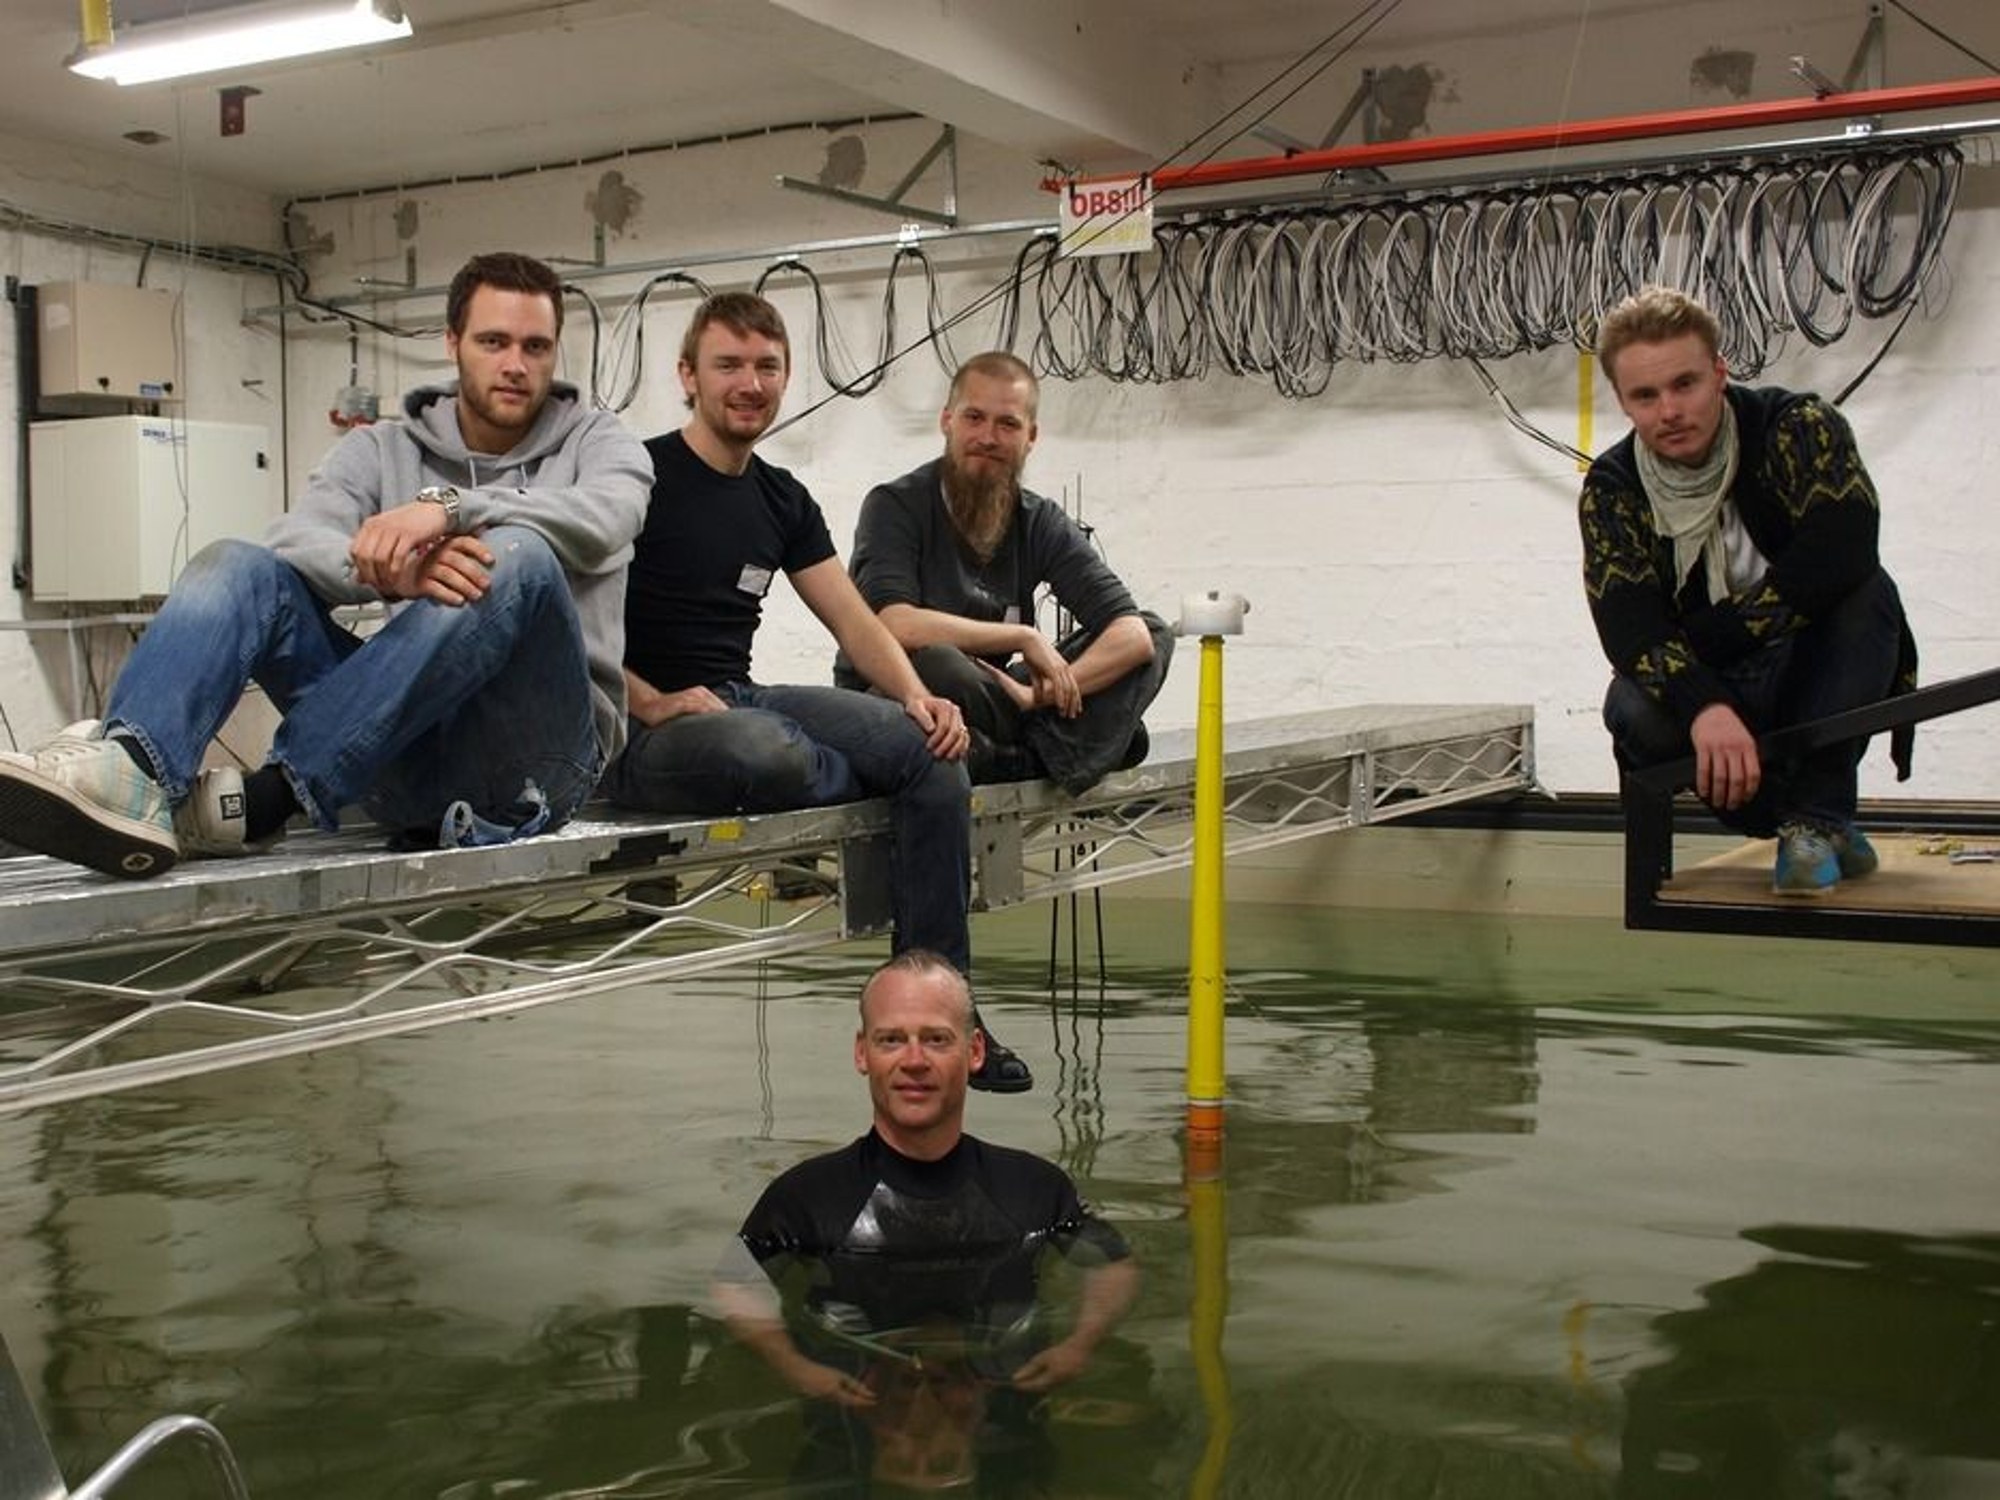 TESTES I VANNET: UMB-gruppen har testet ut den nye flytende vindturbinen i bølgebassenget til MARINTEK/SINTEF. Bak fra venstre: Fredrik Even Hansen, Anders Myhr, Karl Jacob Maus og Ulrik Aimar Møller. I vannet, ved Njord-modellen, er professor Tor Anders Nygaard.